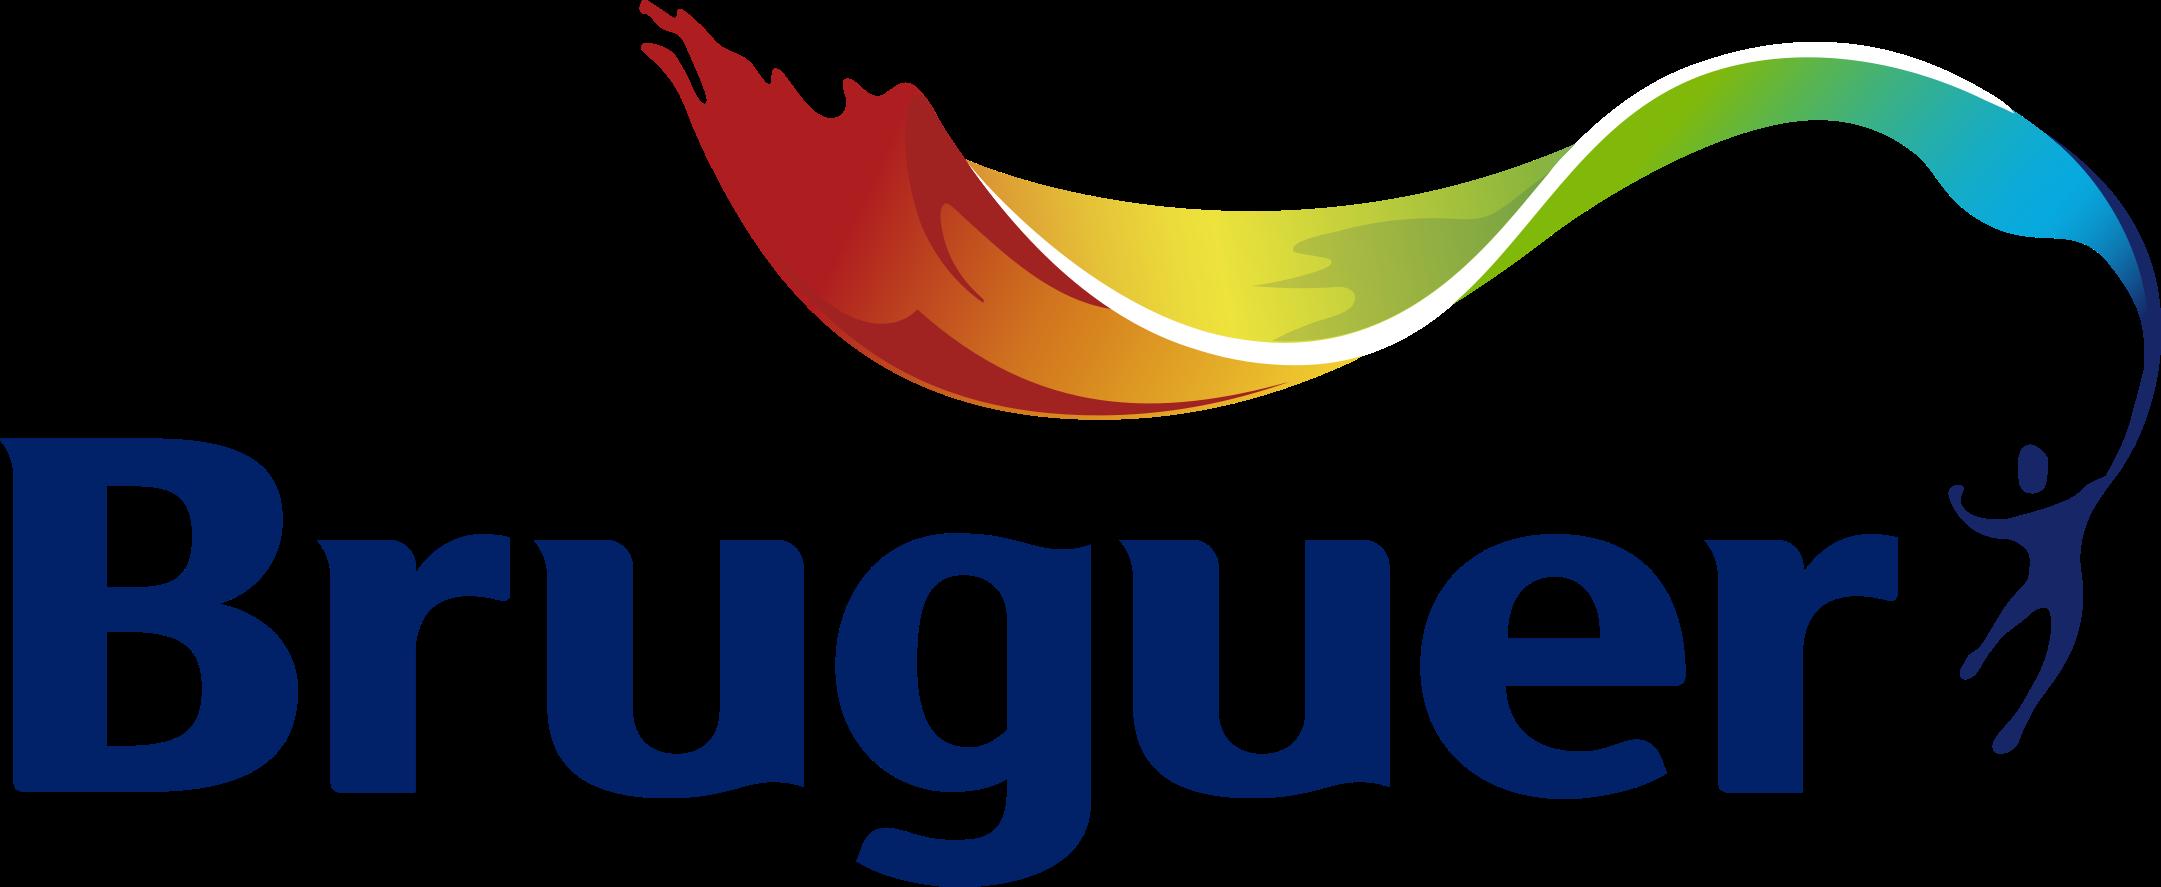 bruguer-logo-1